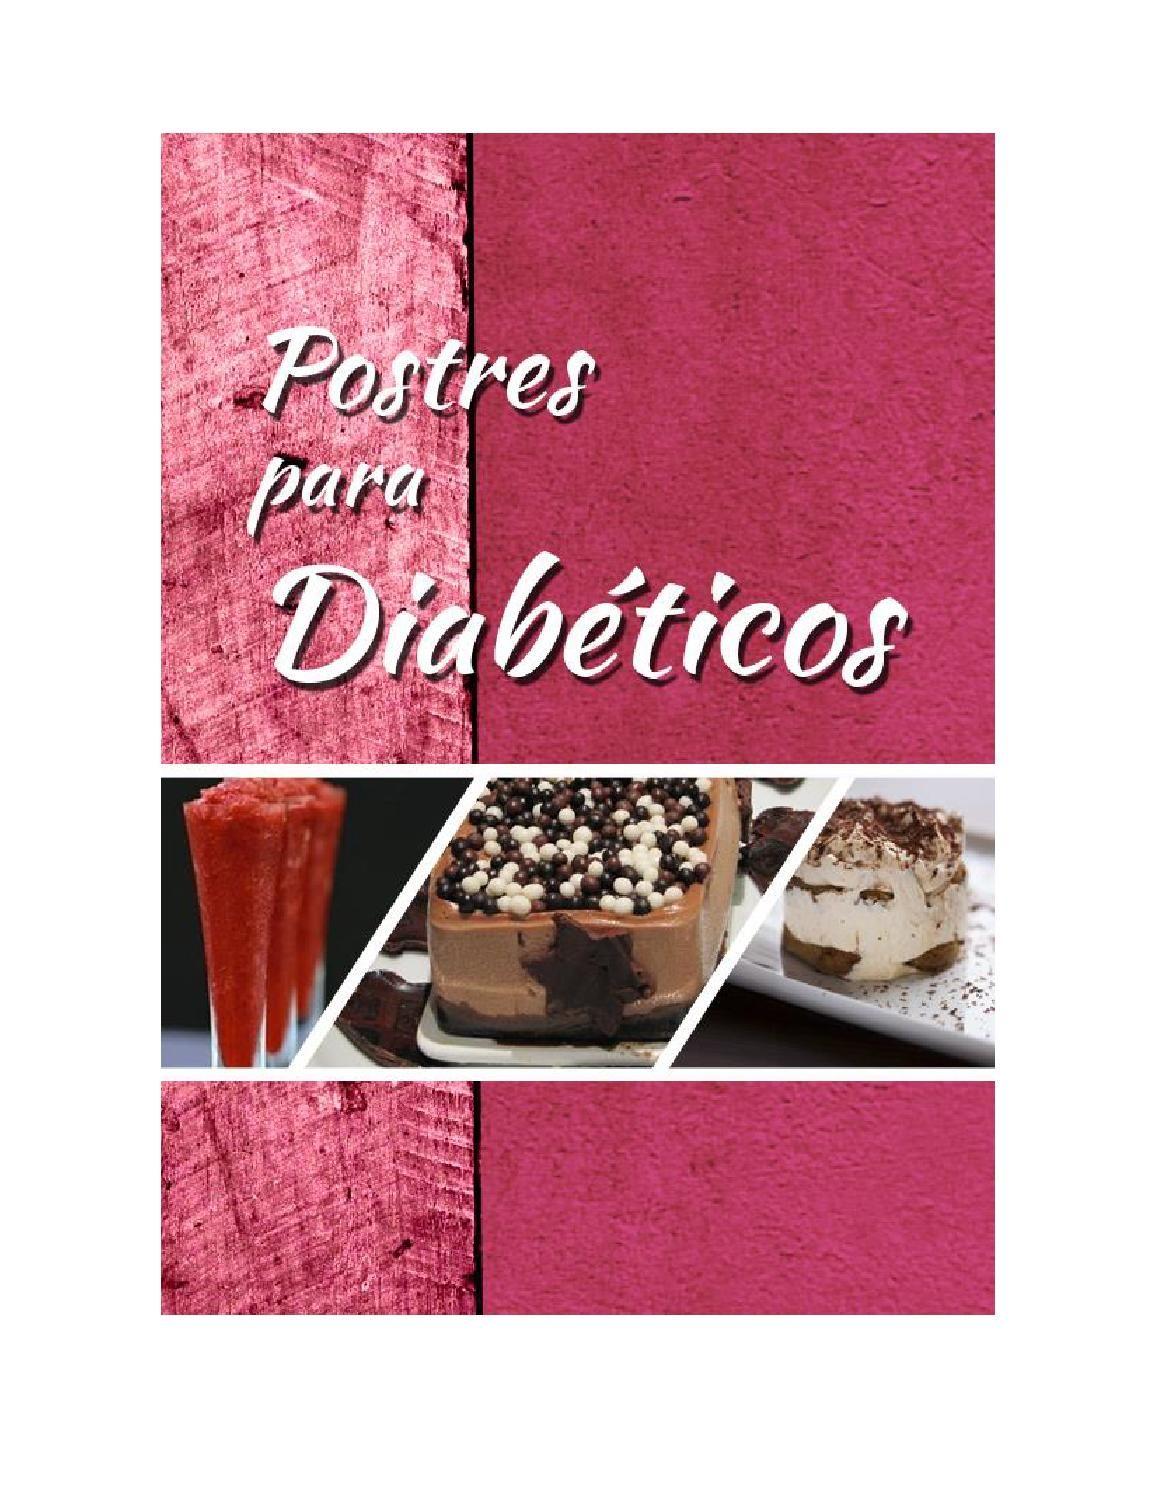 Postres para diabéticos. Del Dr Alberto Romero